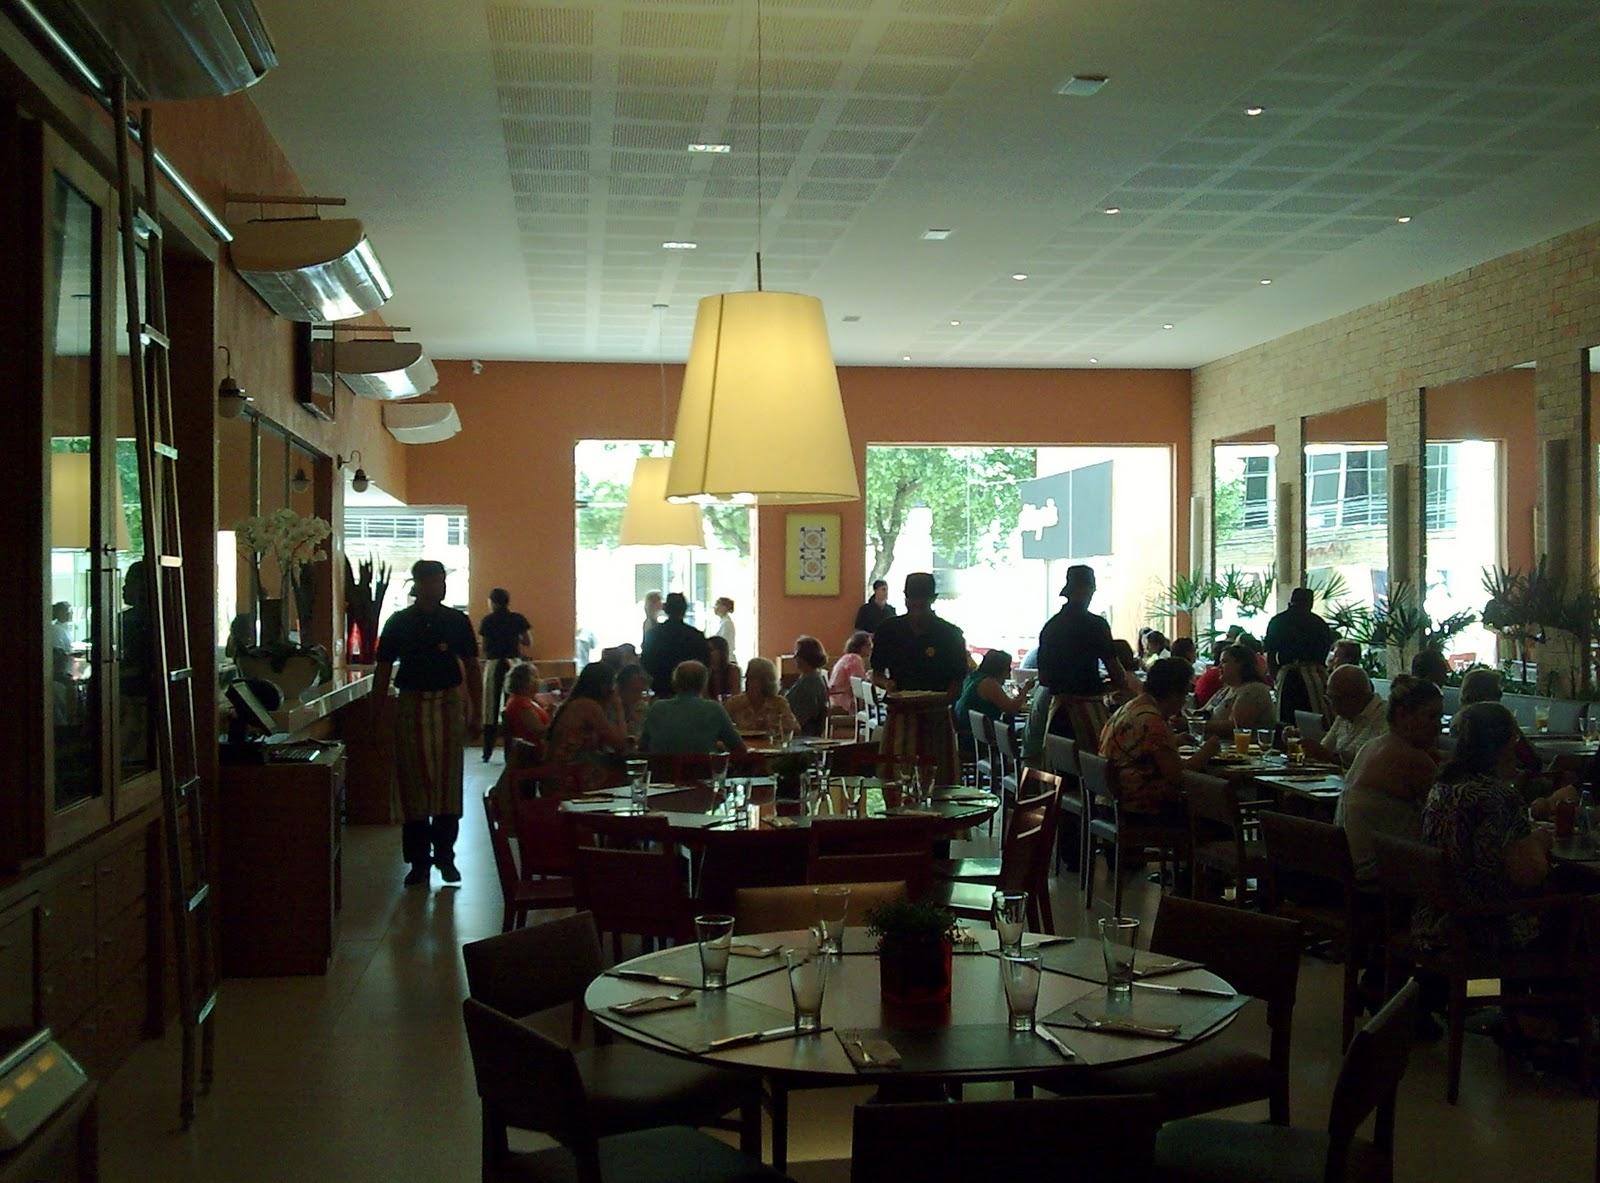 Deli cia restaurante - Casa doli restaurante ...